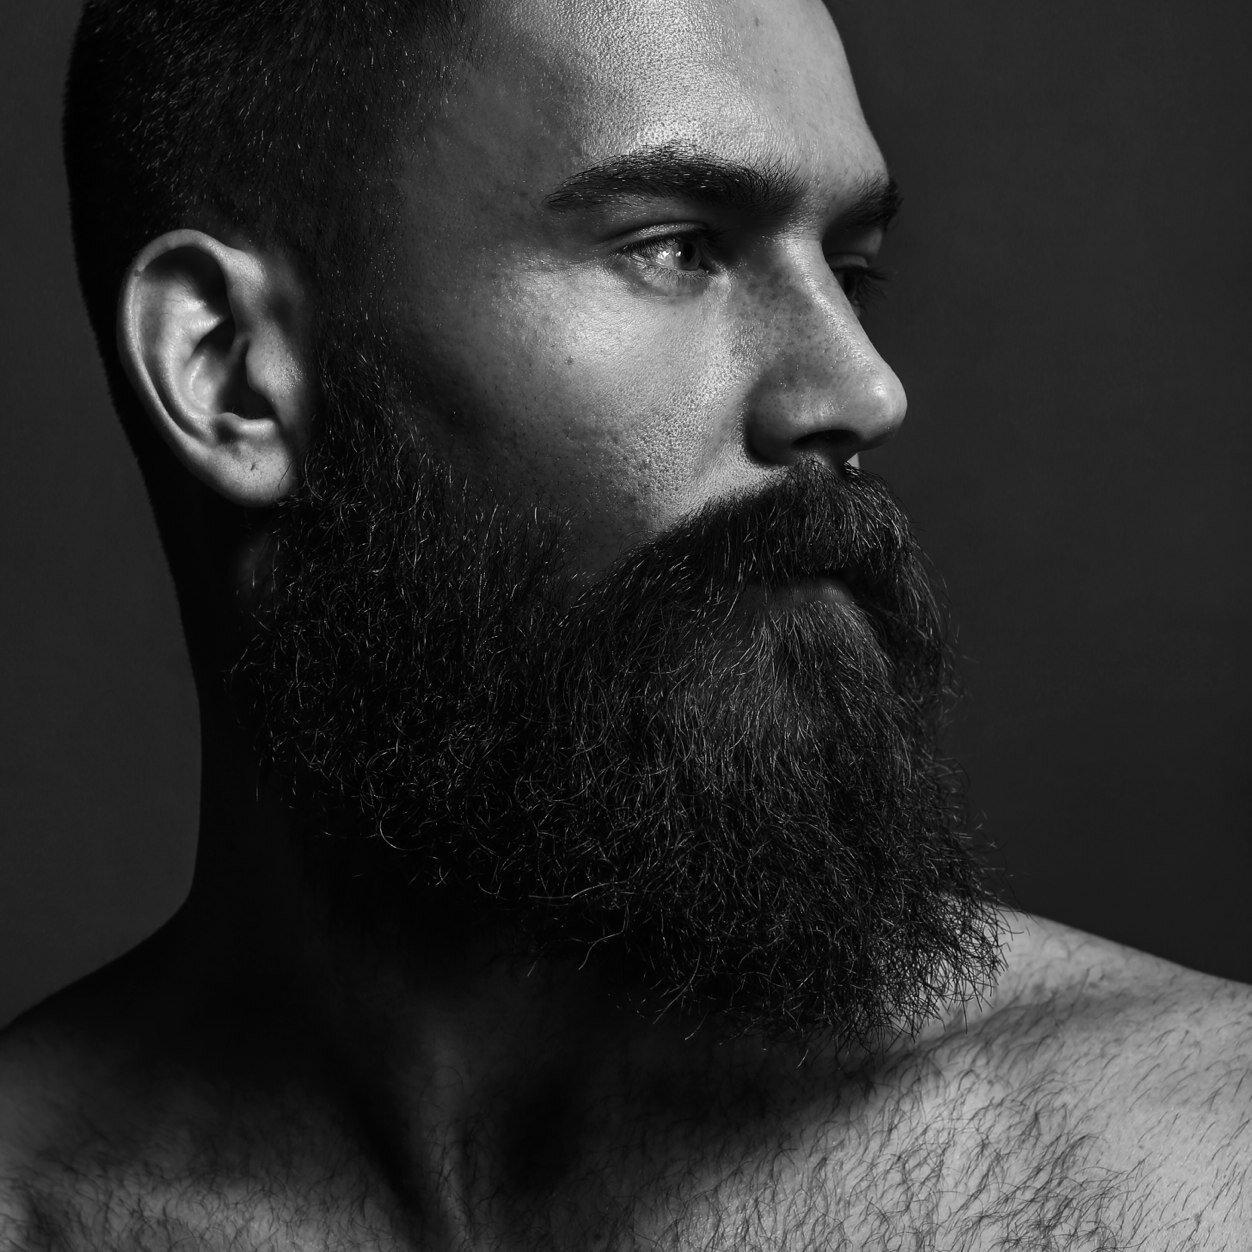 фото бородатого мужика нашем питомнике купить